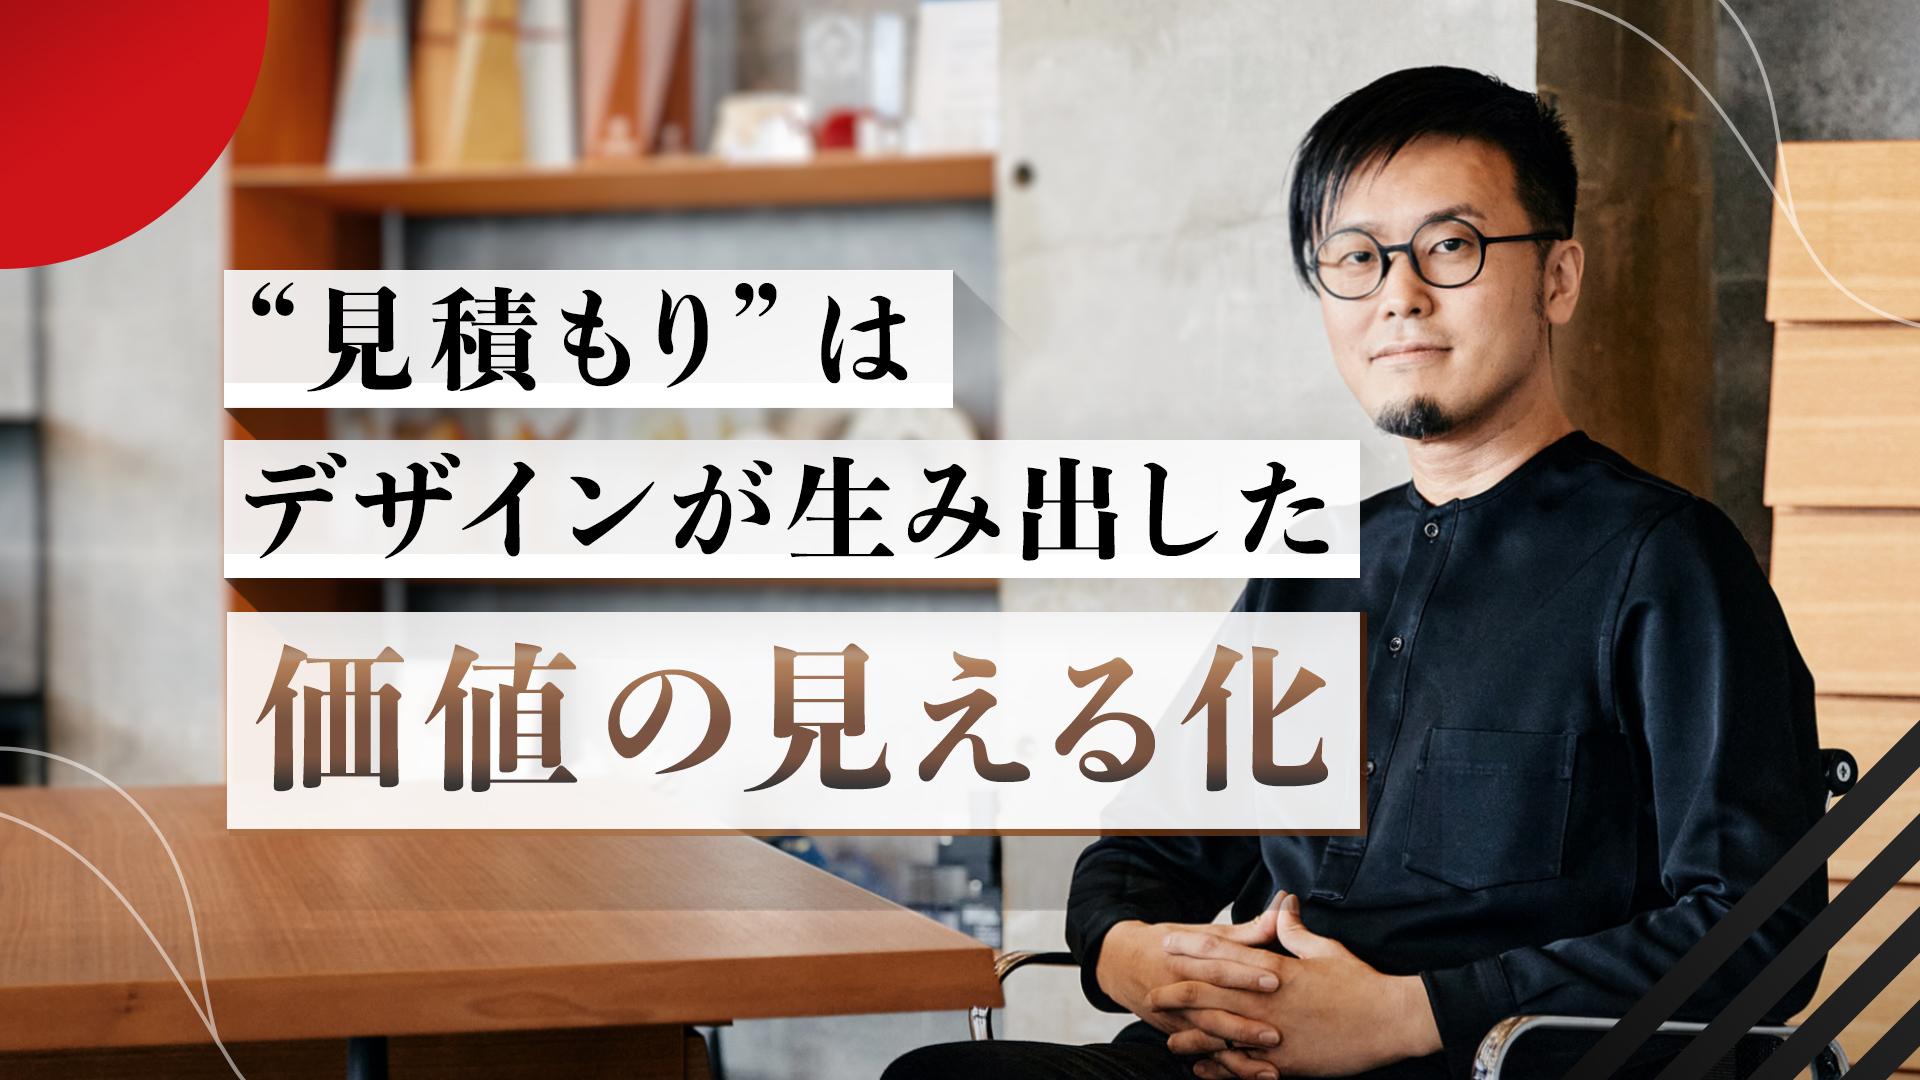 「表現の世界で、価格によってクオリティはブレちゃいけない」NOSIGNER 太刀川英輔のデザイン思考